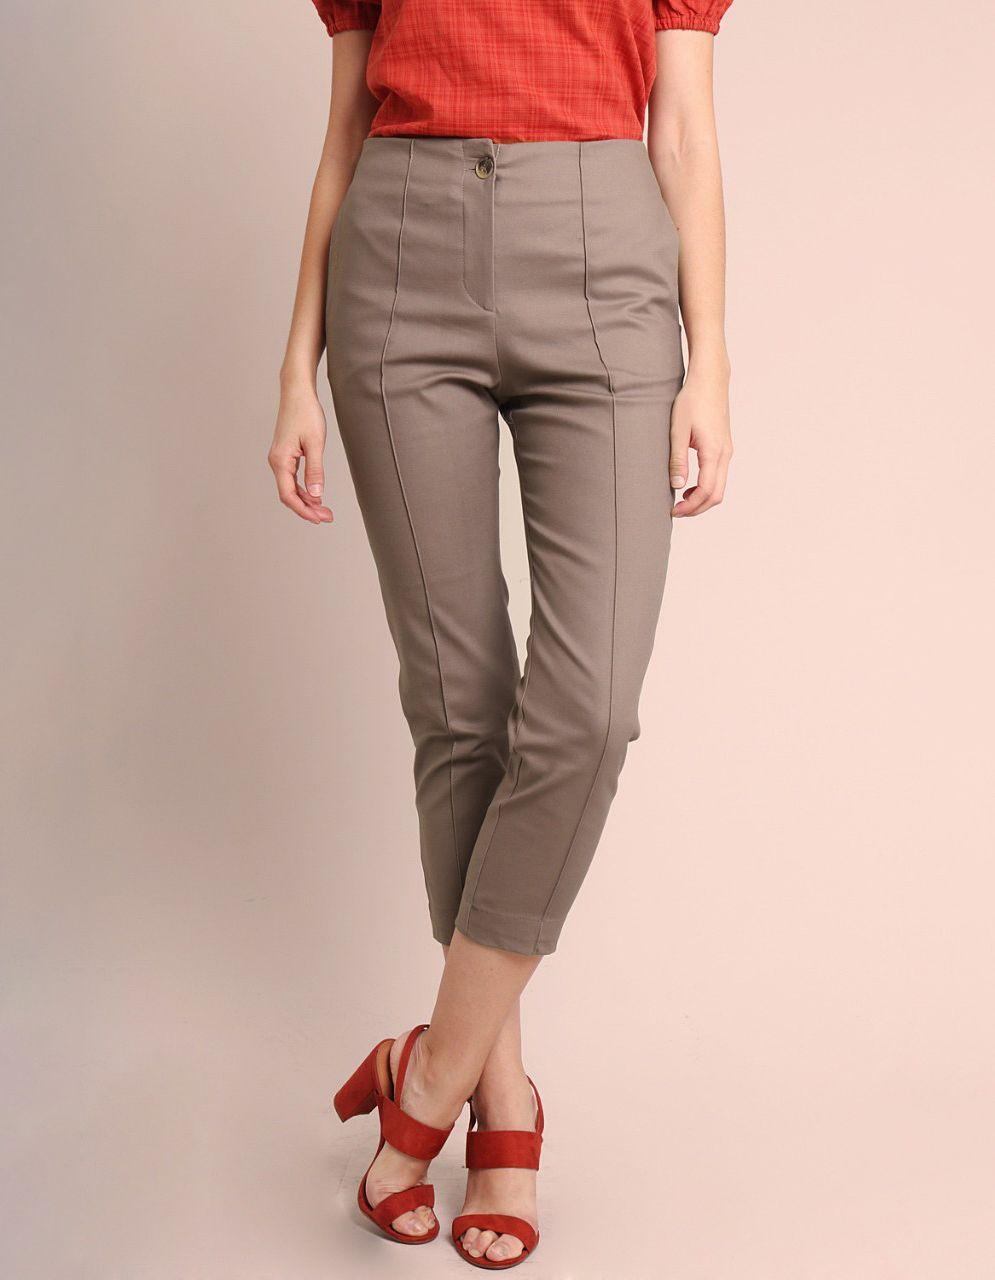 Pantalón Capri algodón marrón, azul oscuro o gris, cremallera frontal y bolsillos laterales Malagueta-72143MAL-C